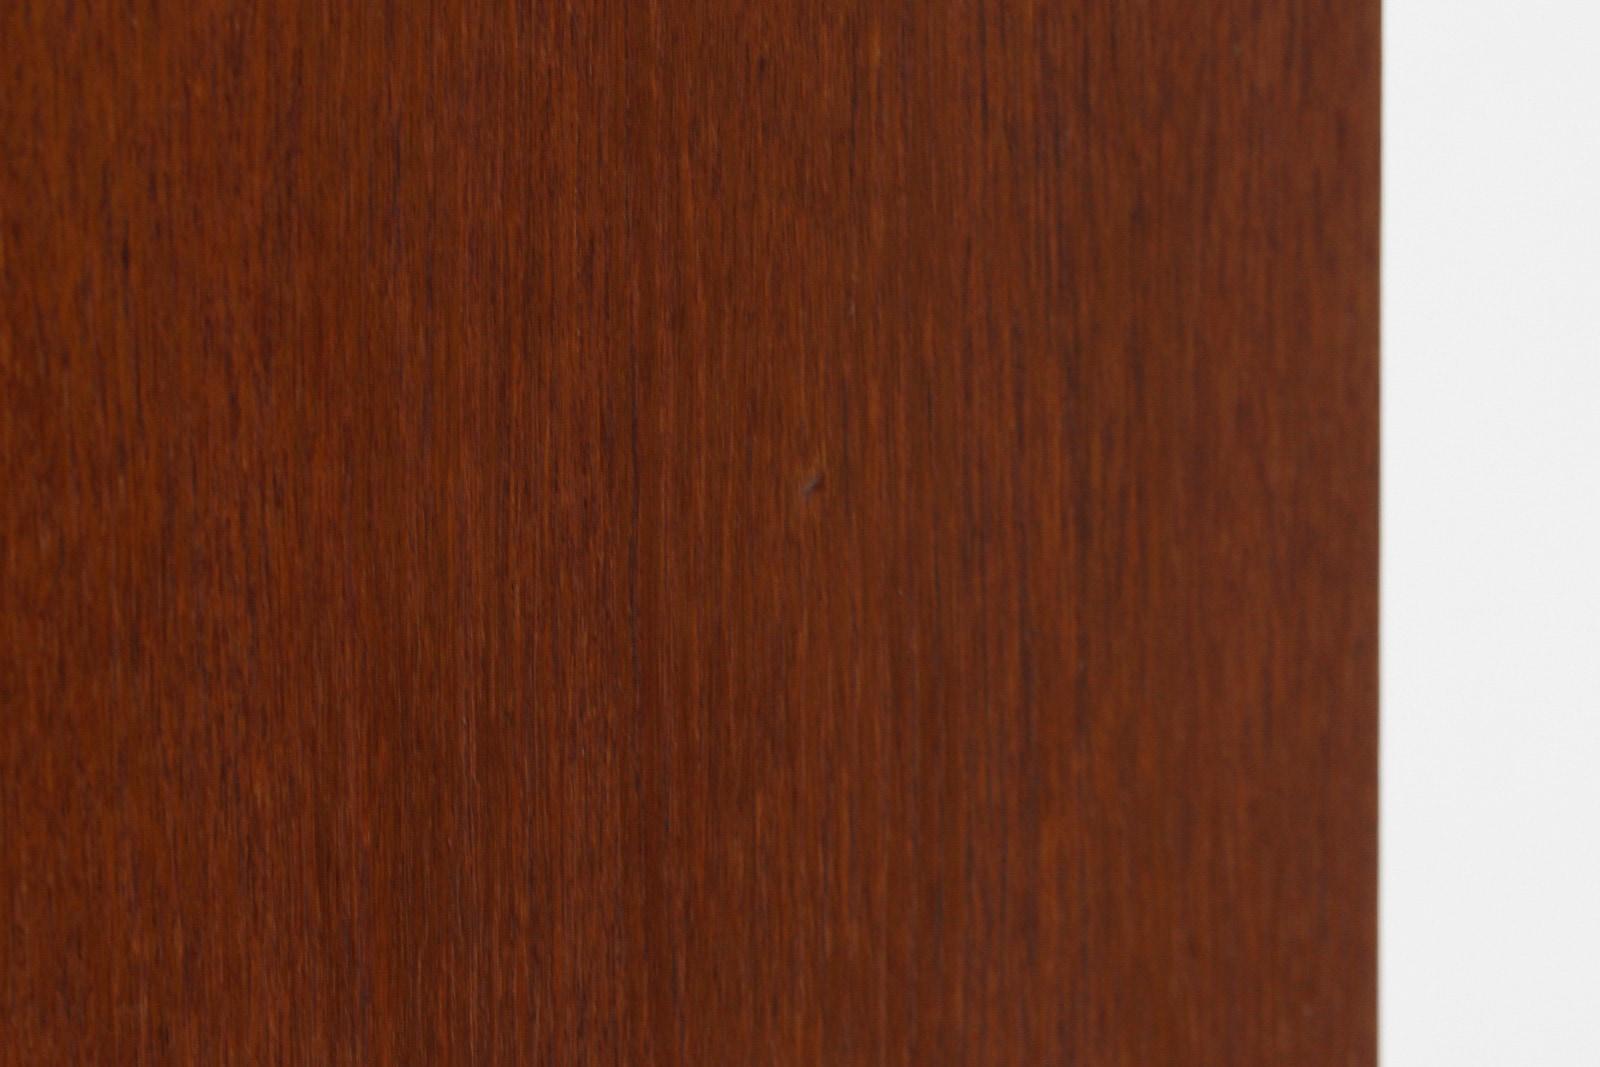 ヴィンテージ,北欧,家具,6段チェスト,チーク材